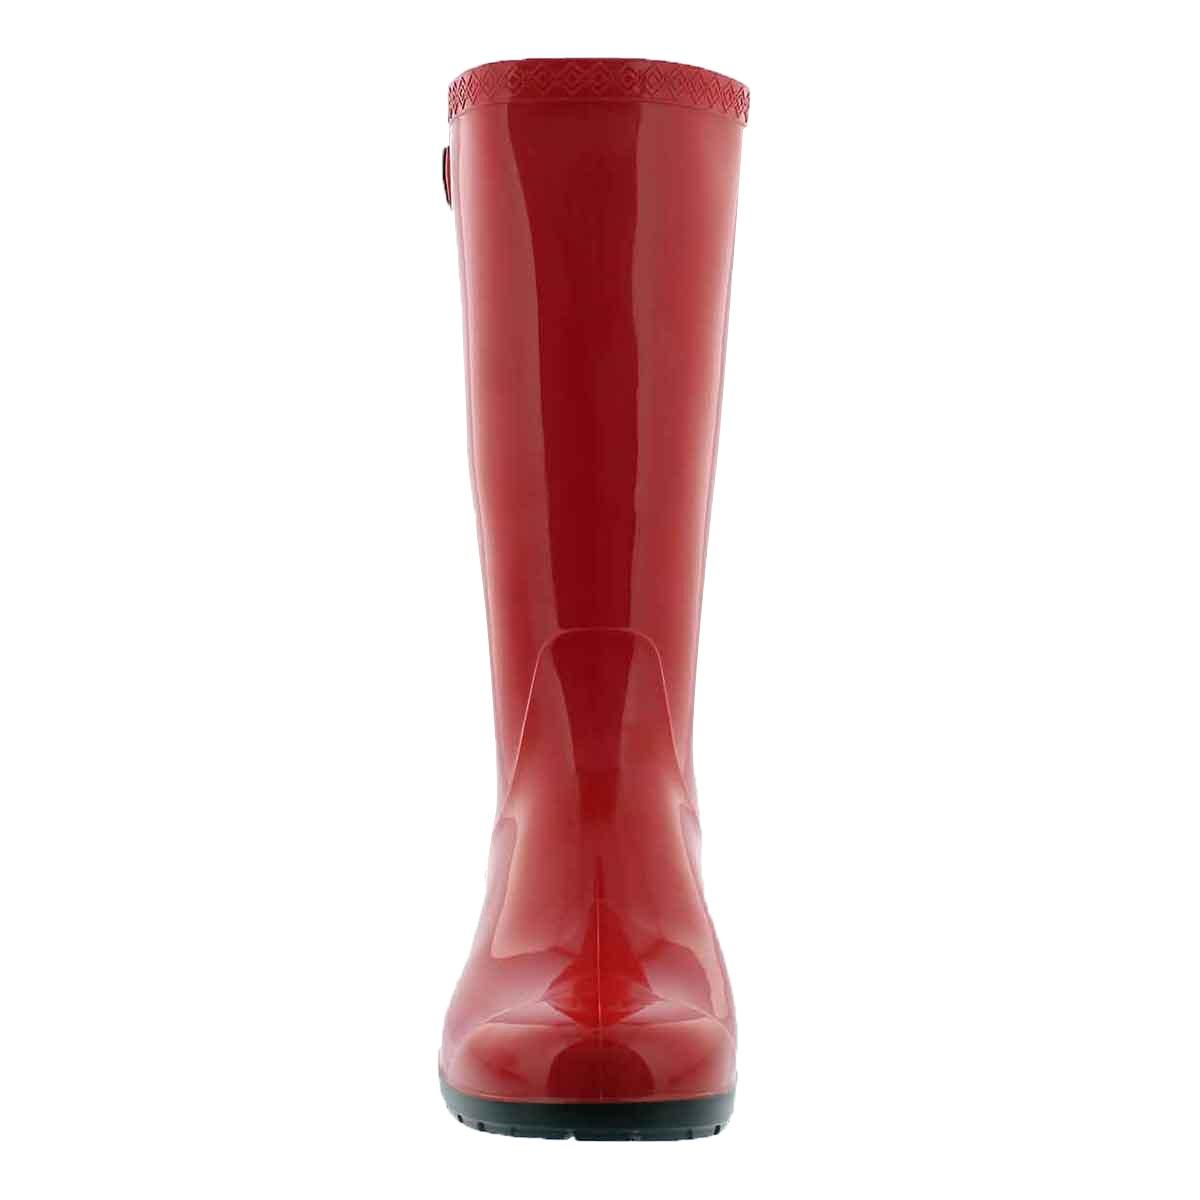 Lds Shaye tango red wtpf rain boot